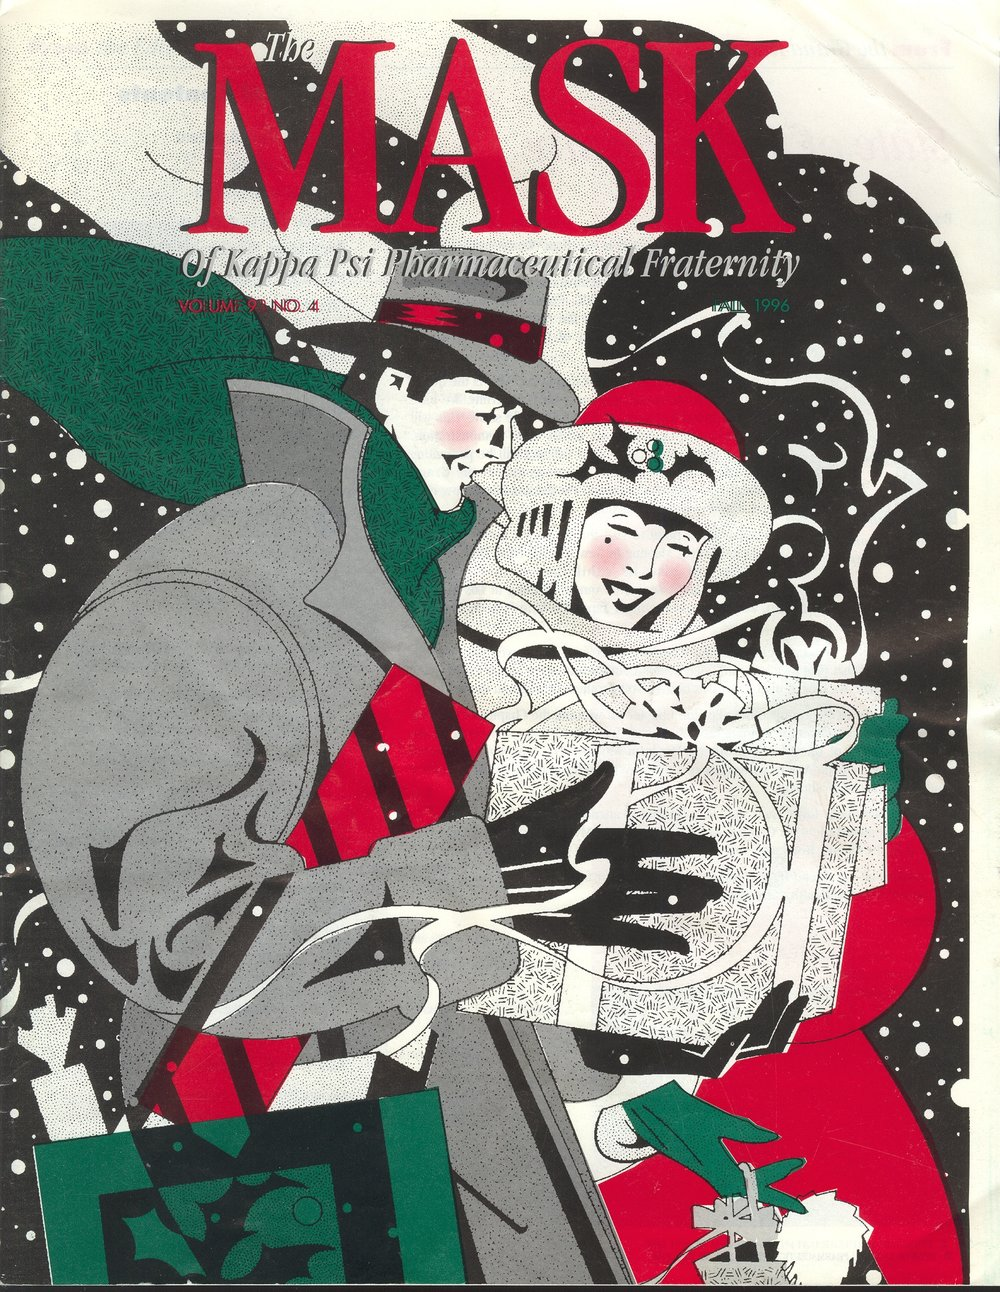 mask_cover_09_1996.jpg